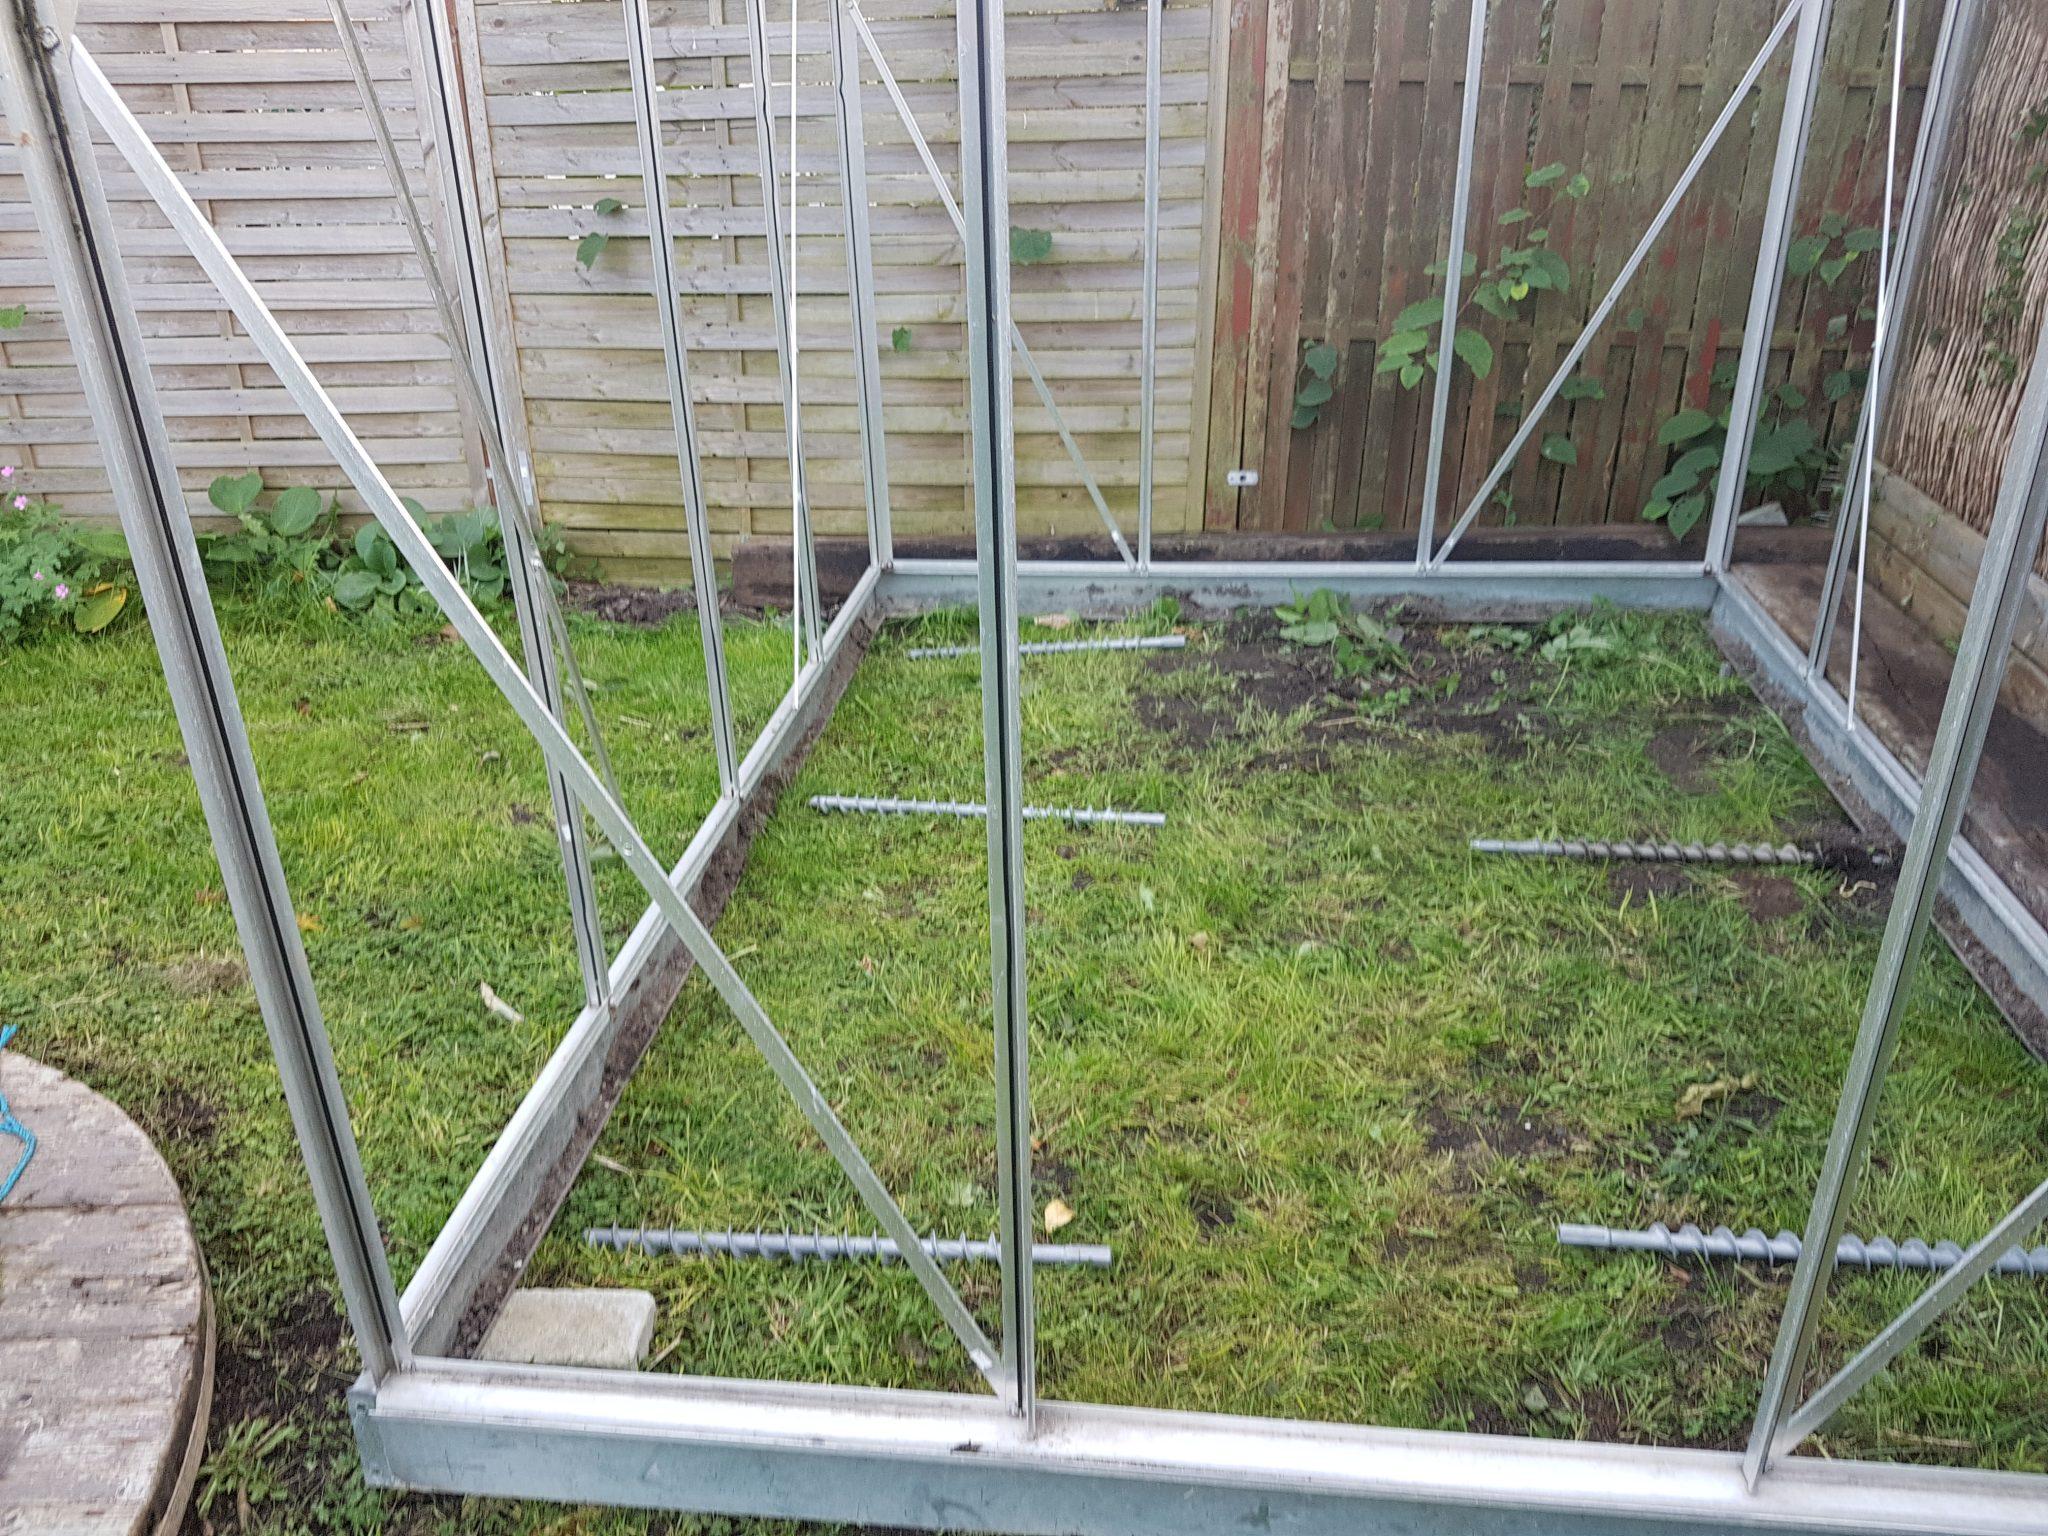 Hvordan bygger man fundament til drivhus